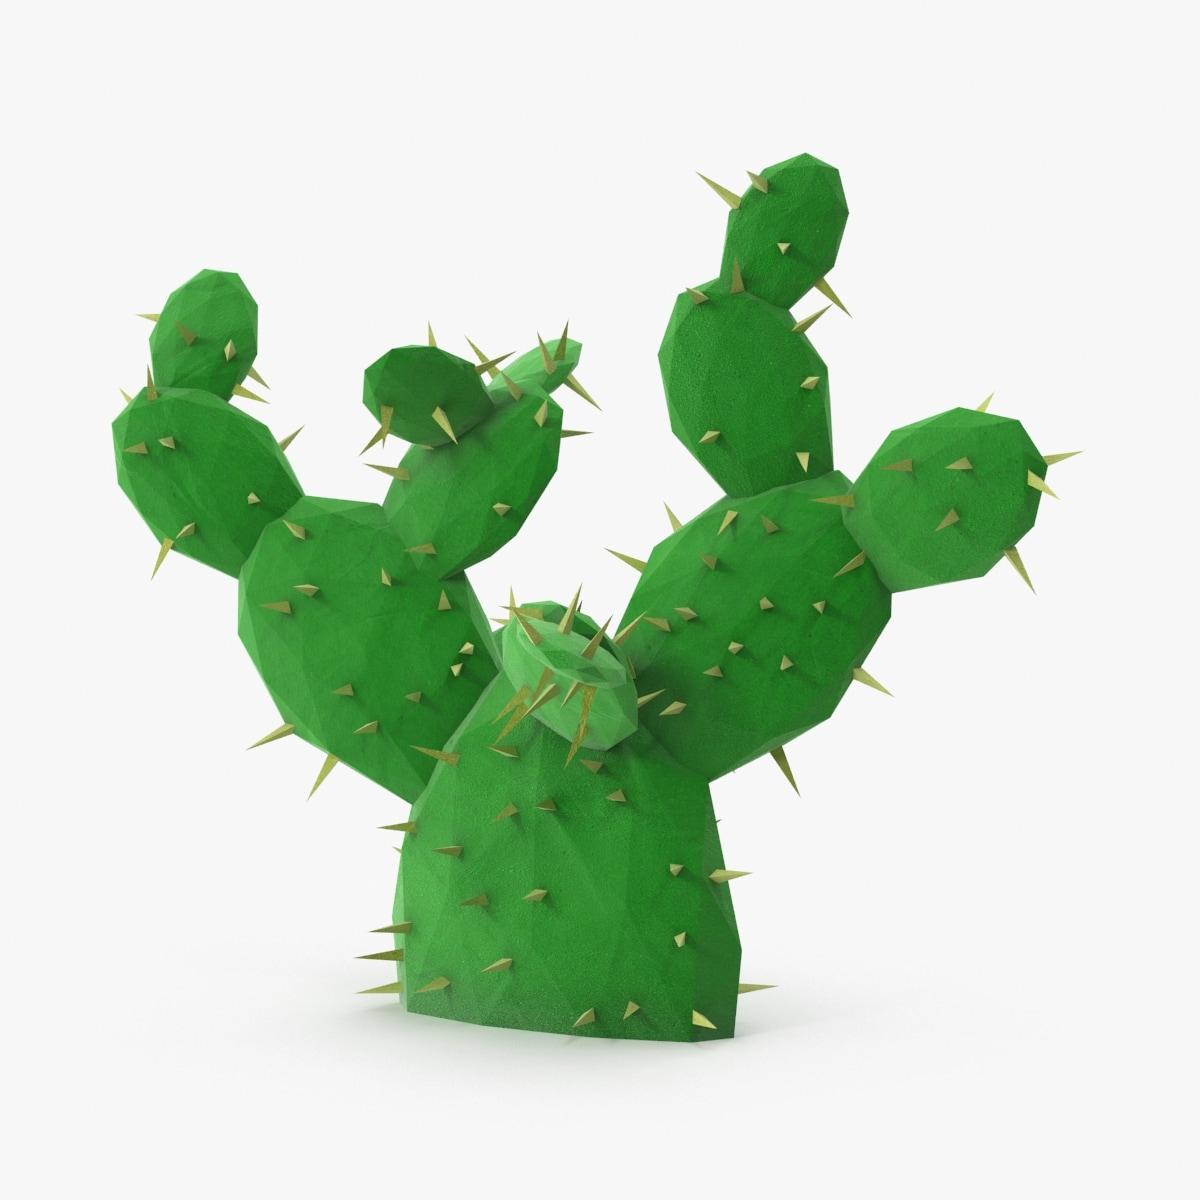 desert plant cactus 01 max